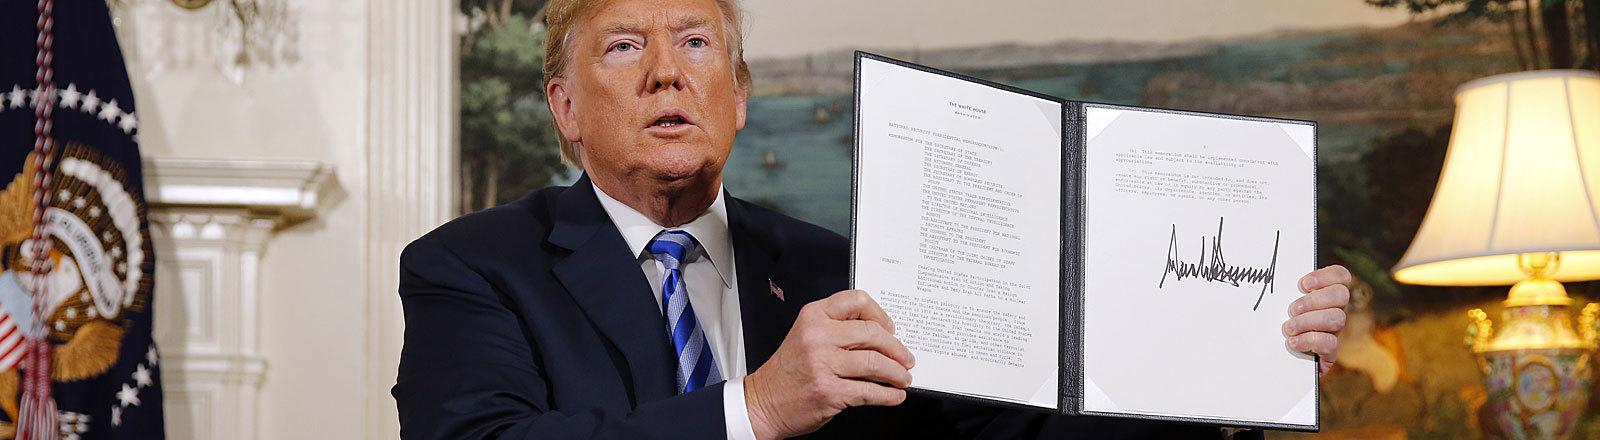 Donald Trump am 8.5.2018 im Weißen Haus